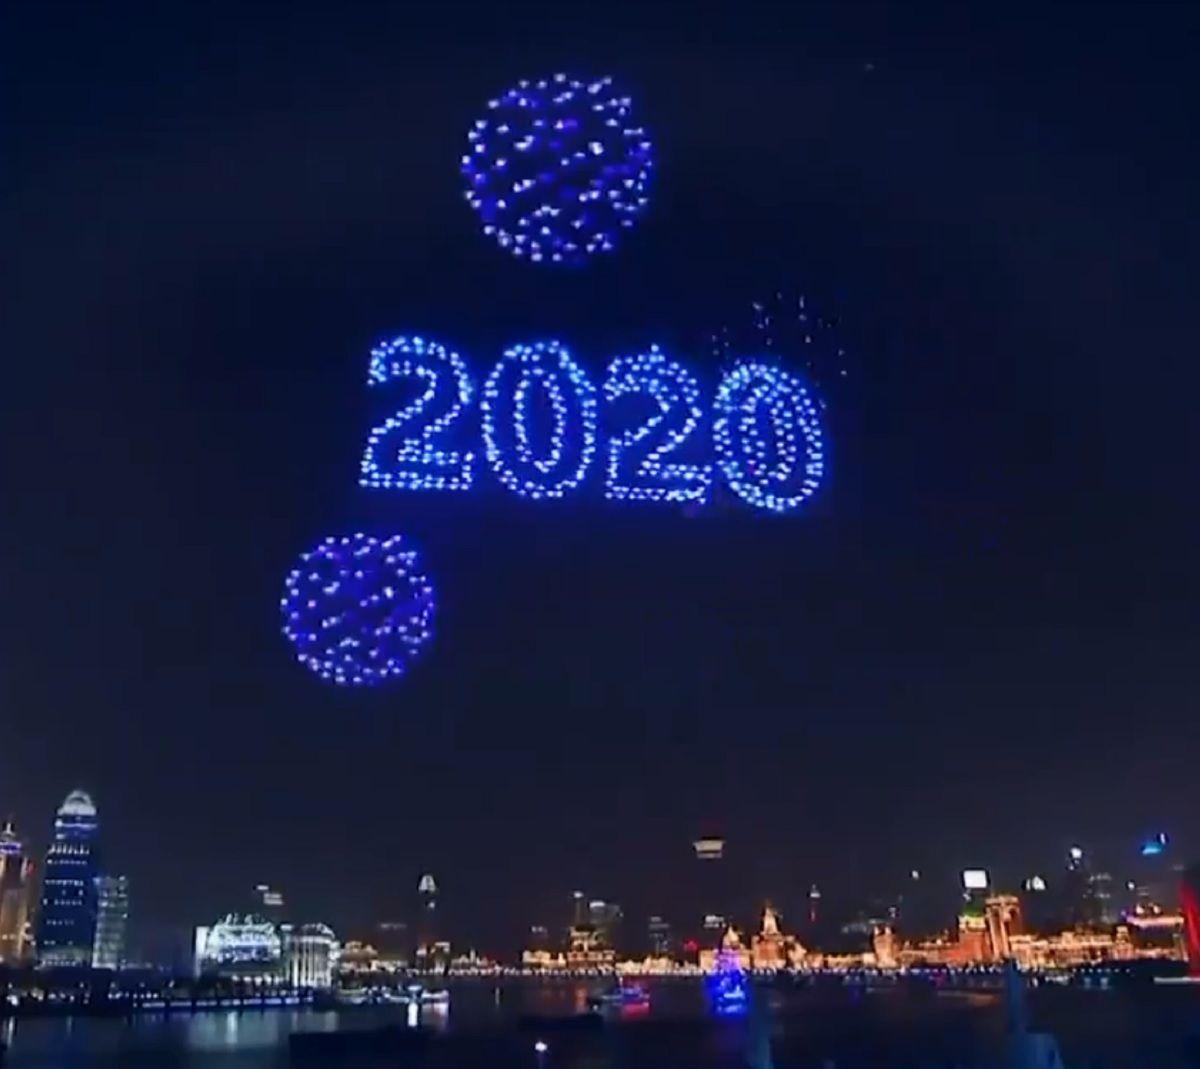 Impresionante: miles de drones luminosos sincronizados, la alternativa china a los fuegos artificiales